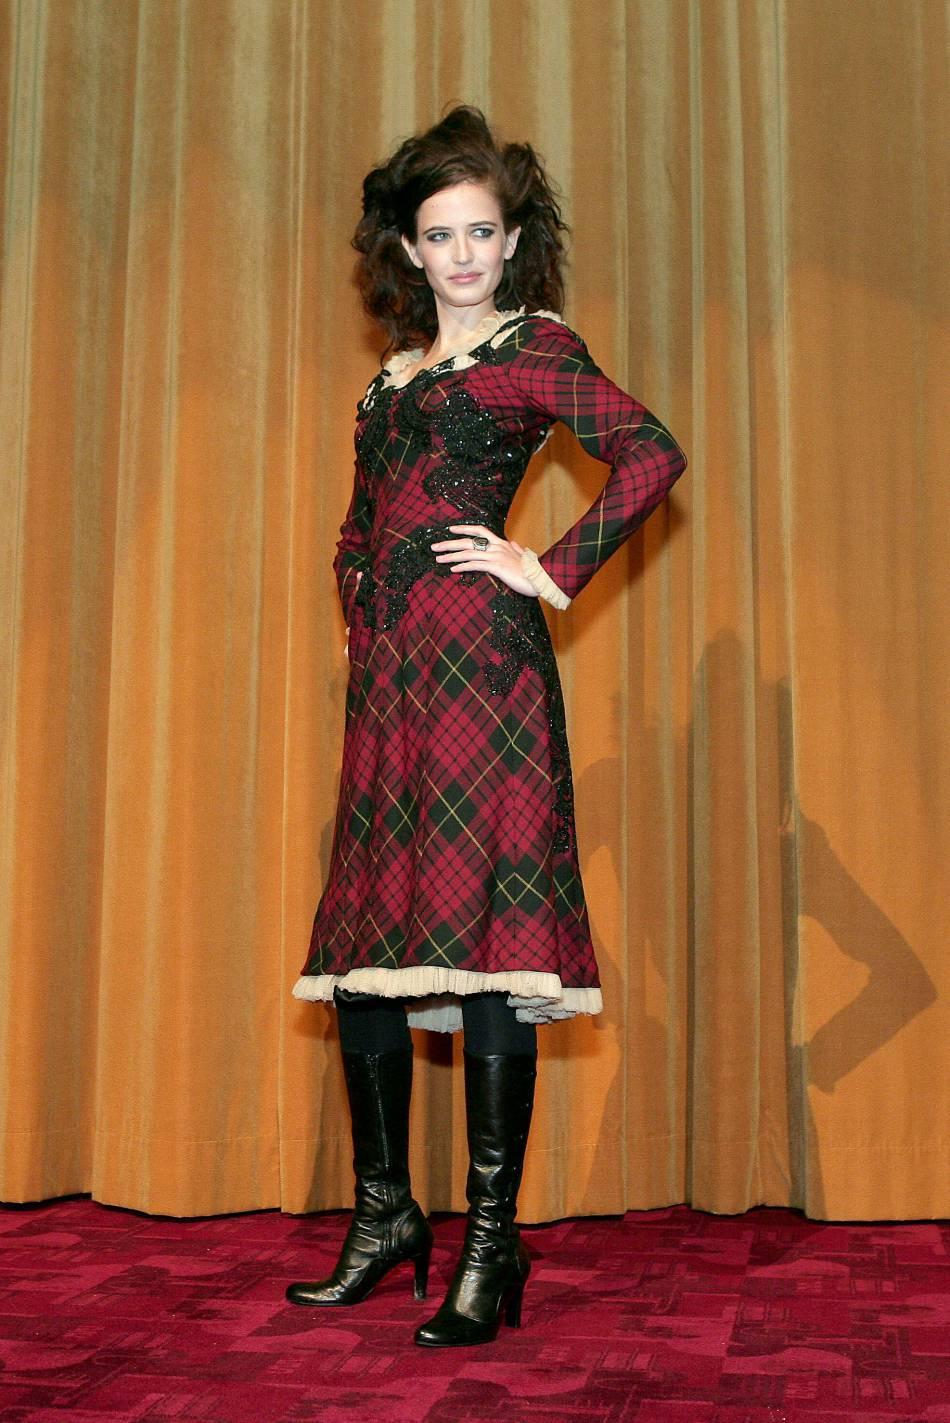 """Petite rechute """"n'importe quoi"""", toujours en 2006. La robe en tartan n'est pas vilaine, mais les collants opaques et les bottes en cuir n'ont rien à faire là. Eva Green a plus l'air de partir faire ses courses de Noël que de passer une soirée sur un tapis rouge."""